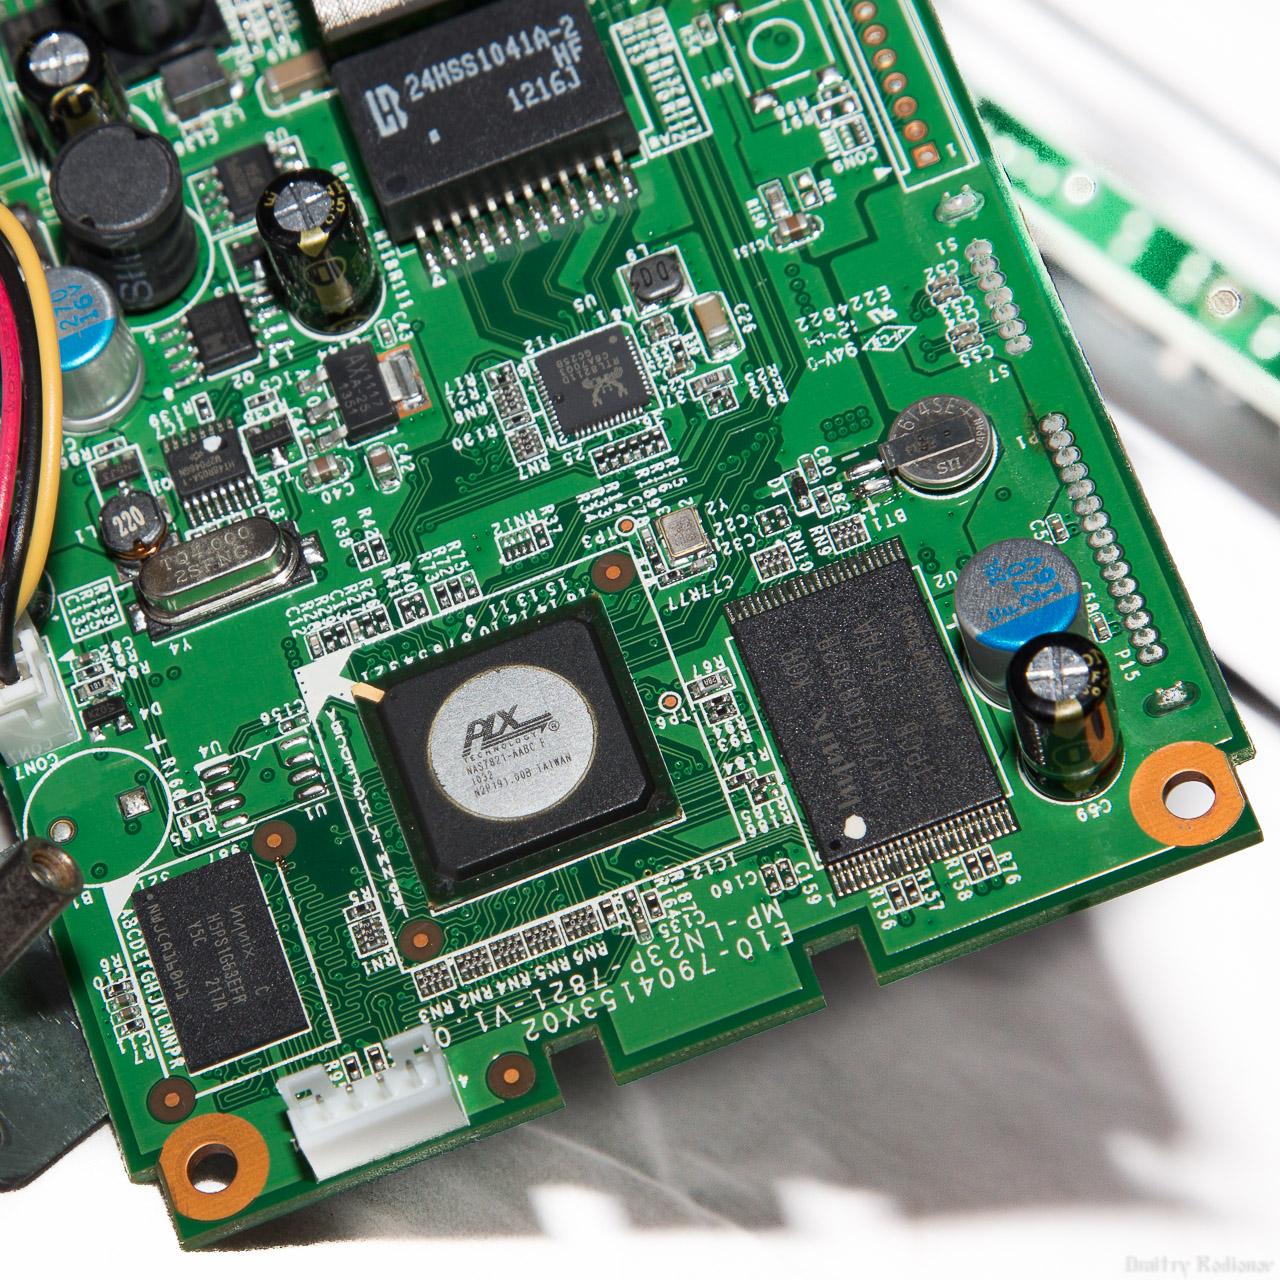 Обзор сетевого хранилища Fantec CL 35B2 RAID